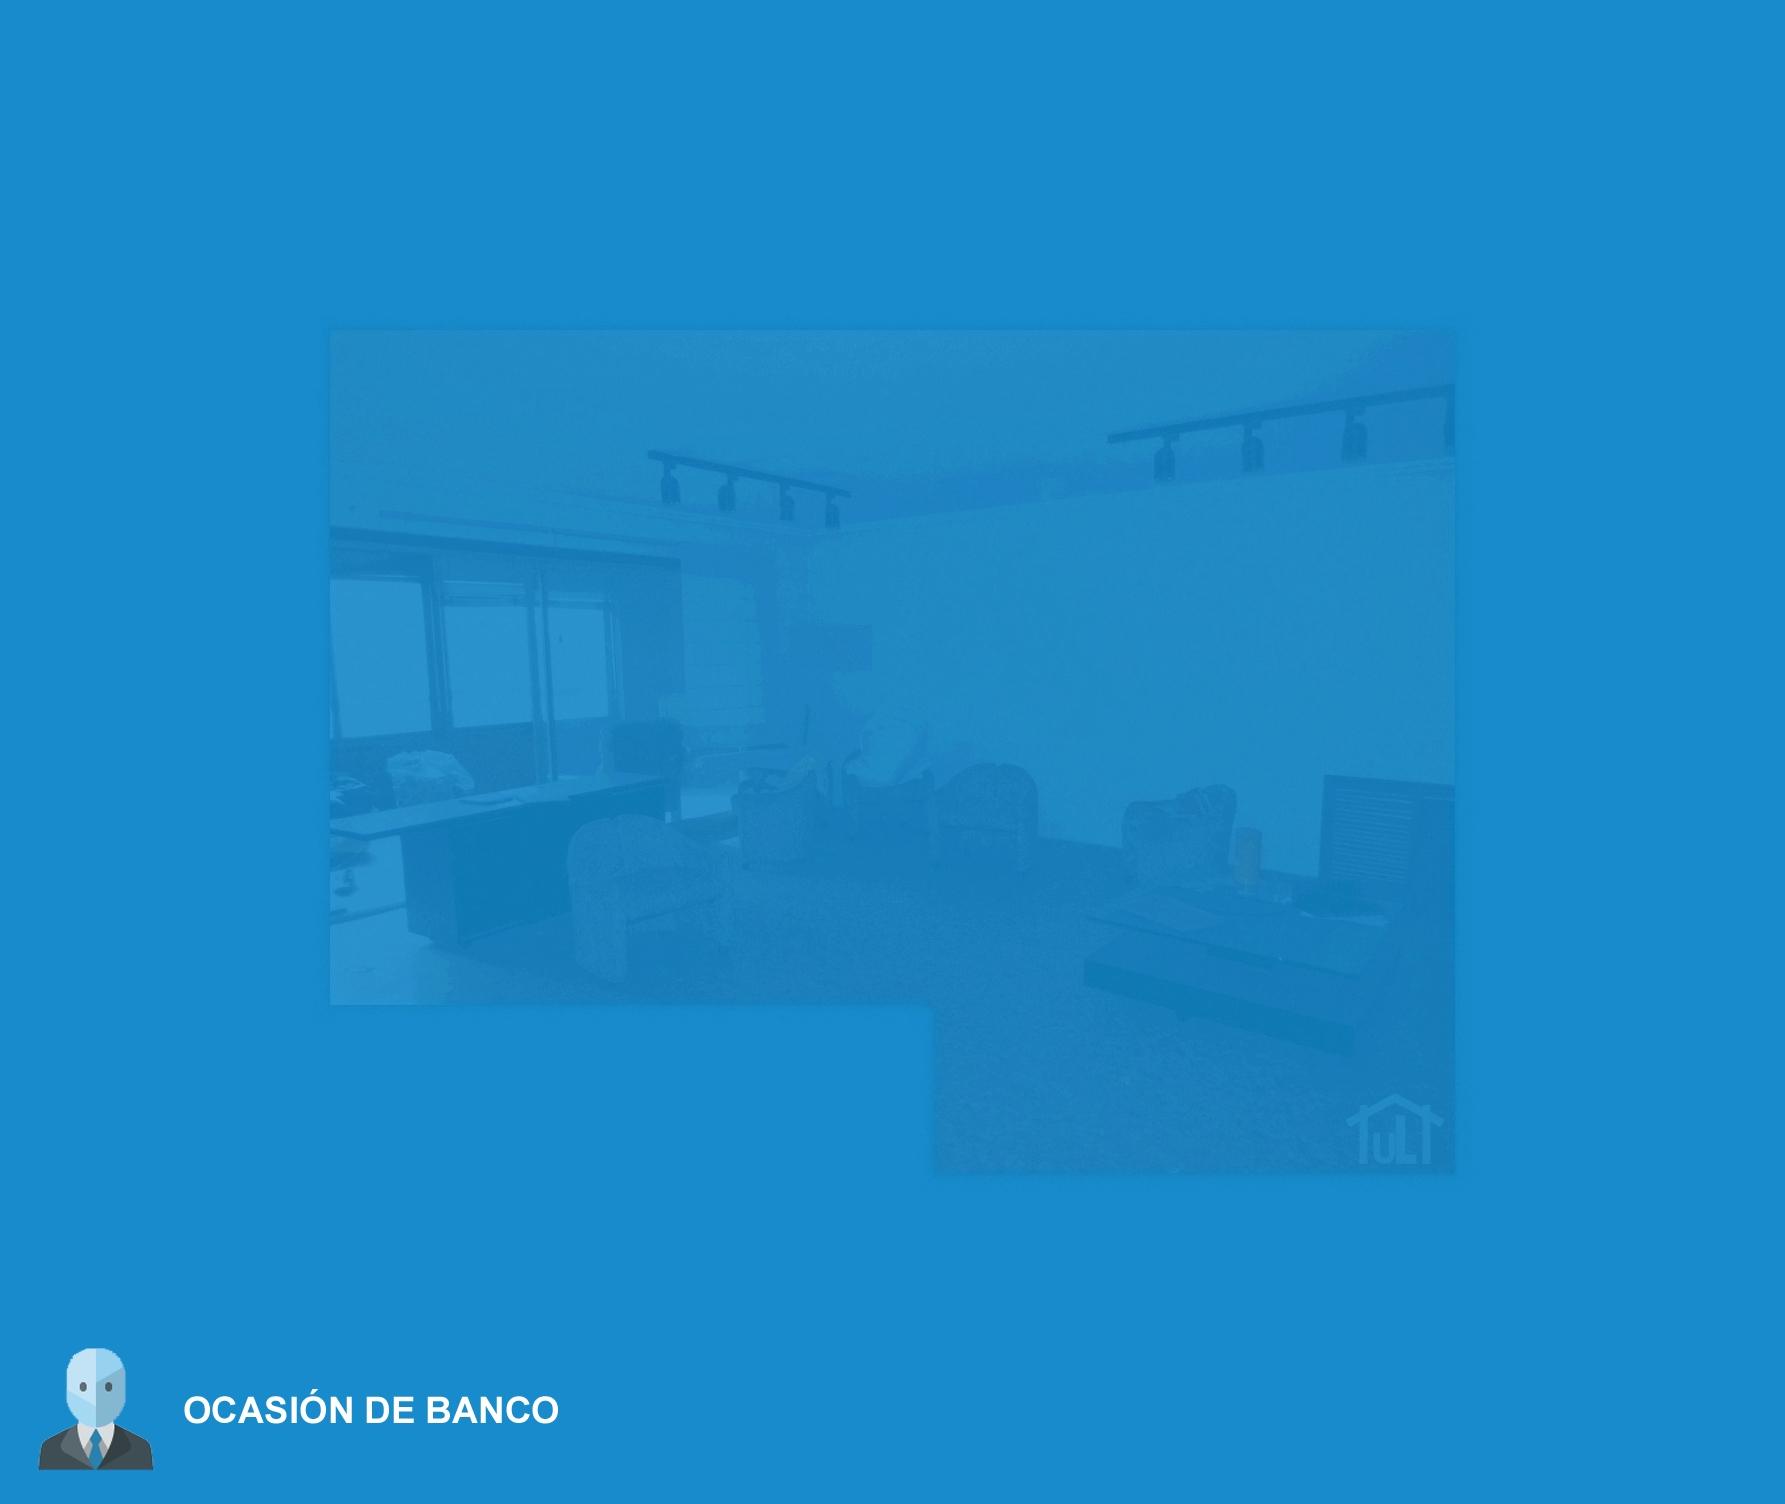 Piso – 4 dormitorios – Ocasión de Banco